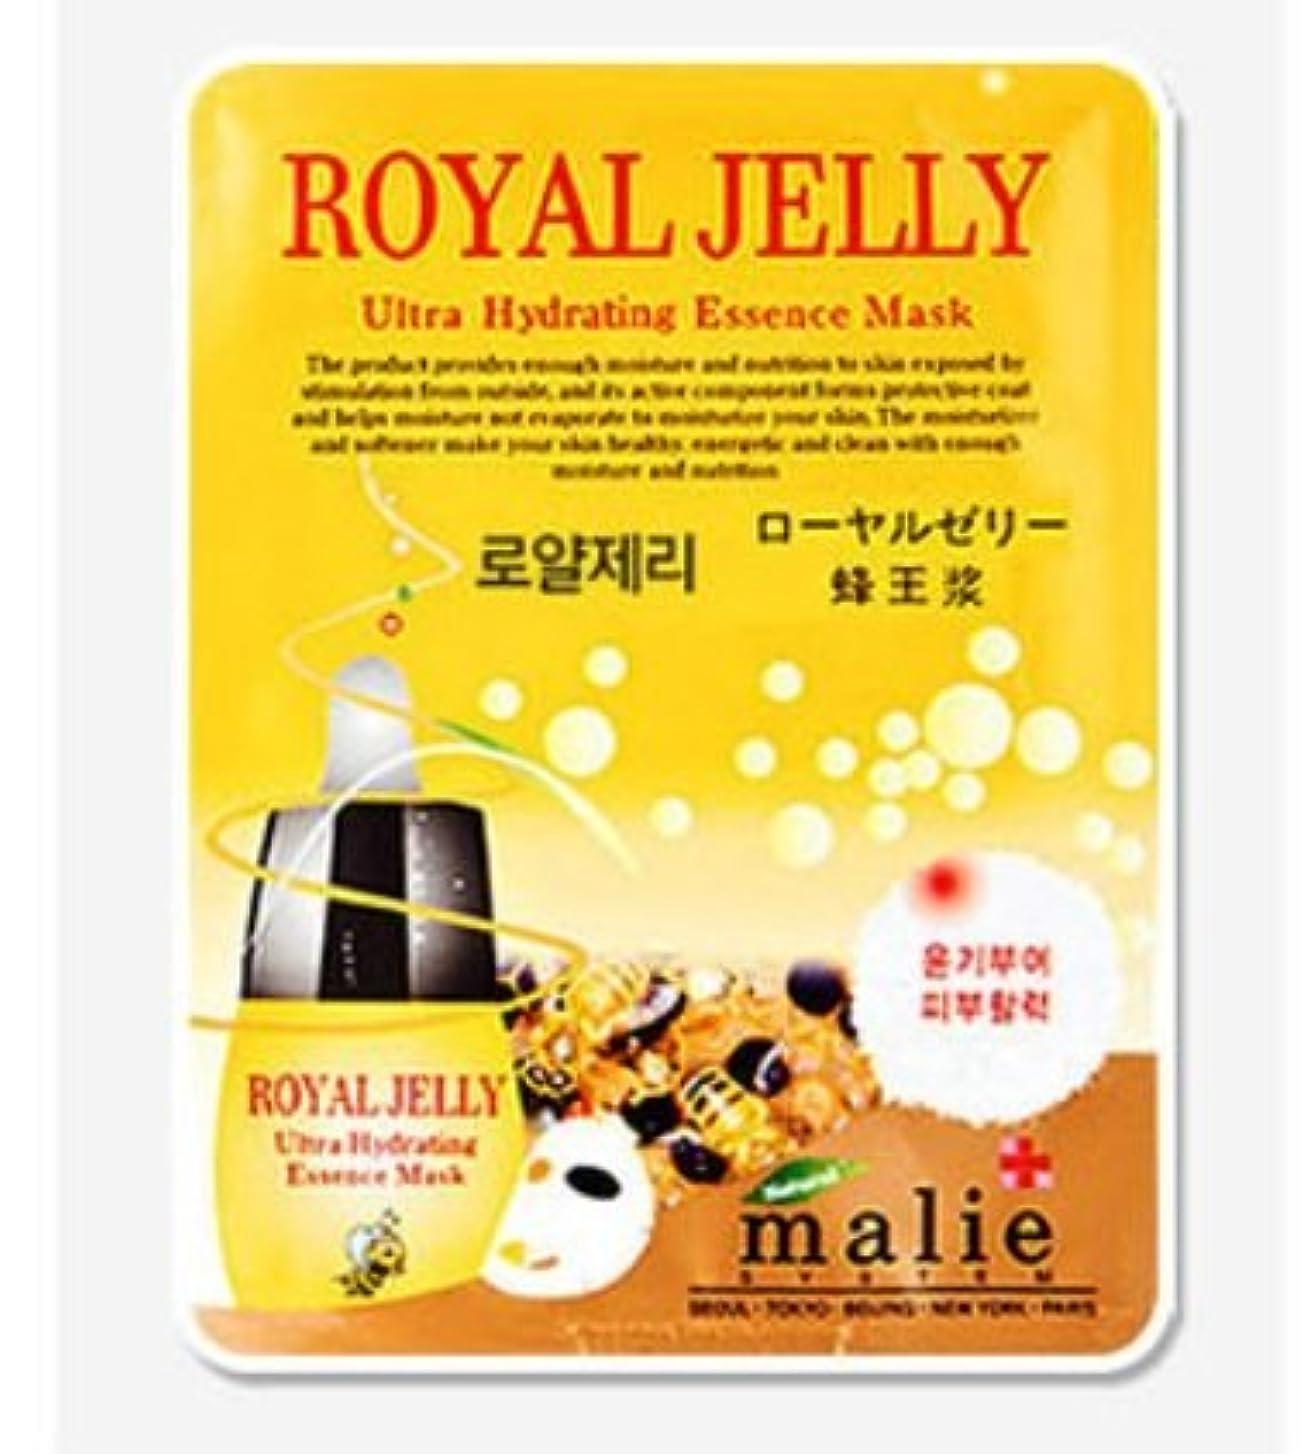 クライマックス鳴らす硬さ[MALIE] まりえローヤルゼリーウルトラ?ハイドレーティング?エッセンスマスク25gX10枚 / Malie Royal Jelly Ultra Hydrating Essence Mask [並行輸入品]